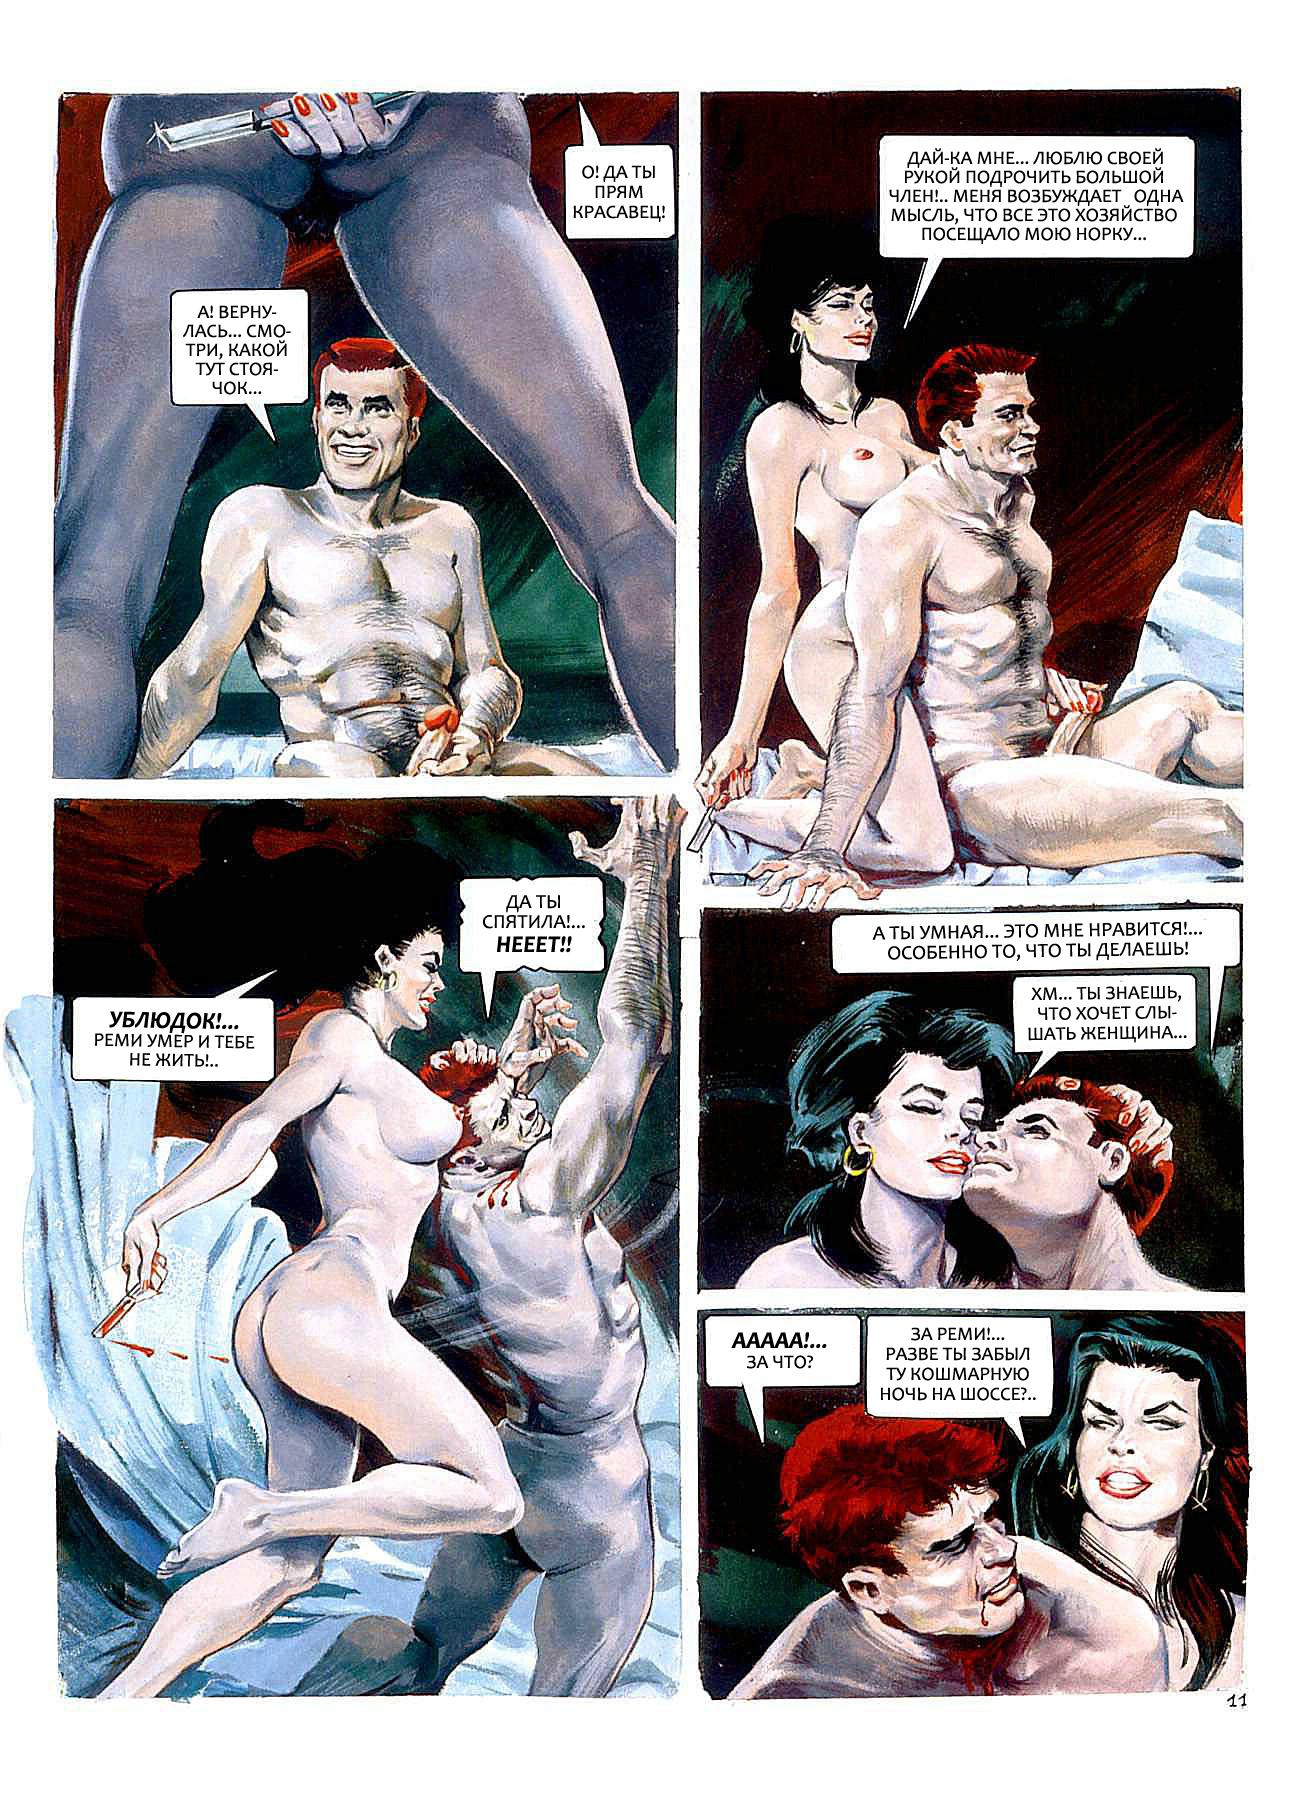 vdova-hochet-seksa